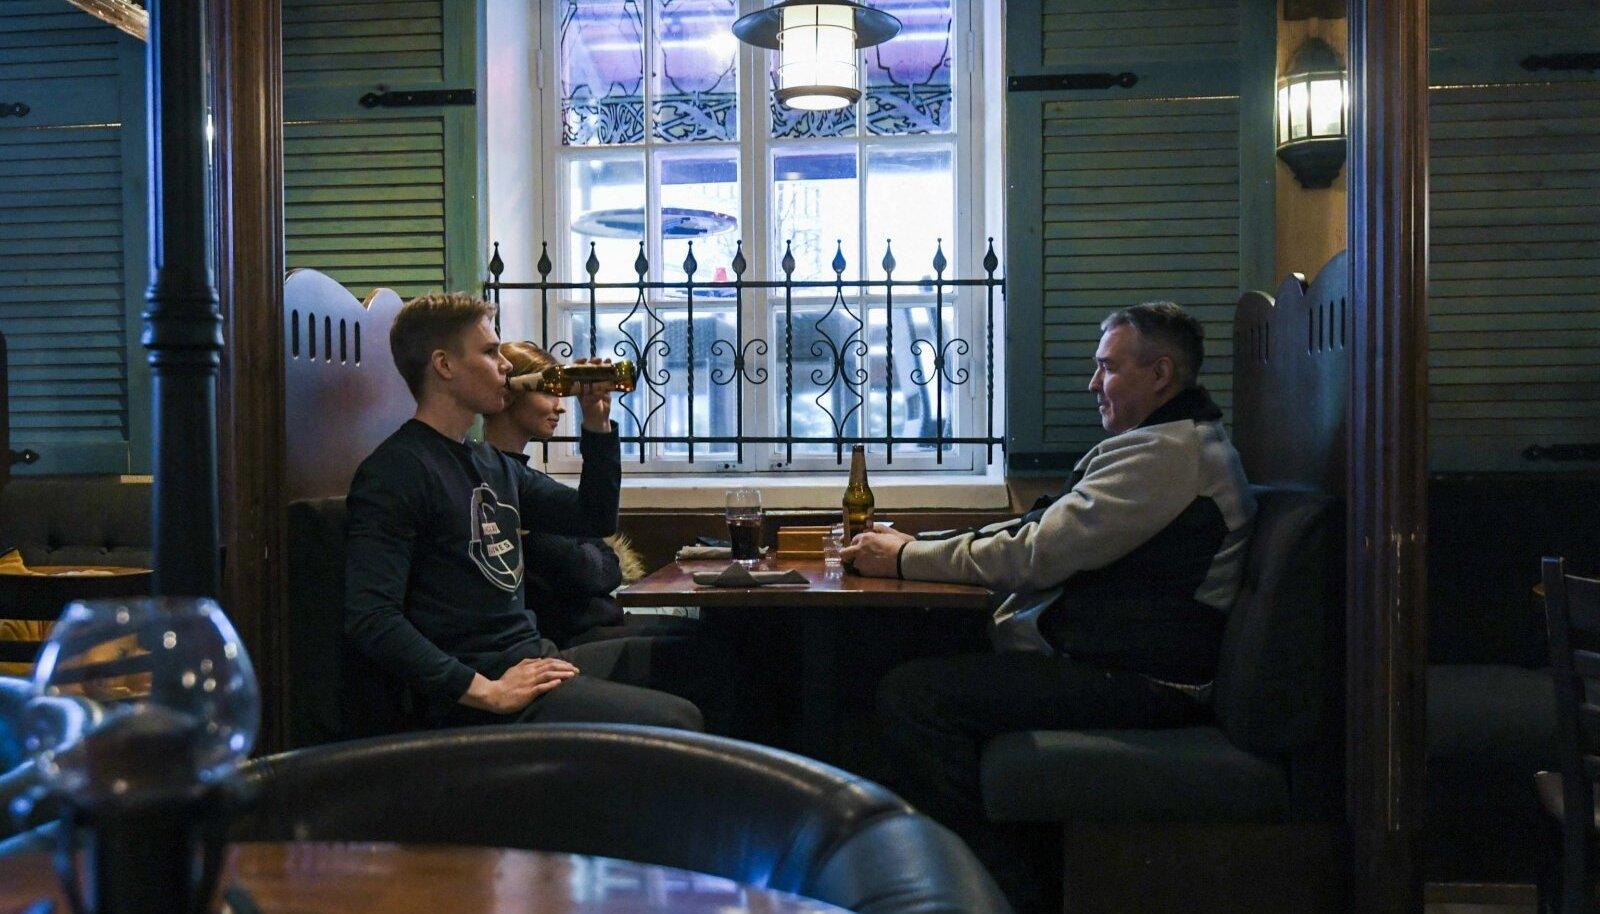 BUSINESS AS USUAL: Soome mehed 7. märtsil Helsingi kõrtsis õlut mekkimas. Järgmisel päeval algas Soomes kolm nädalat kestev lockdown.